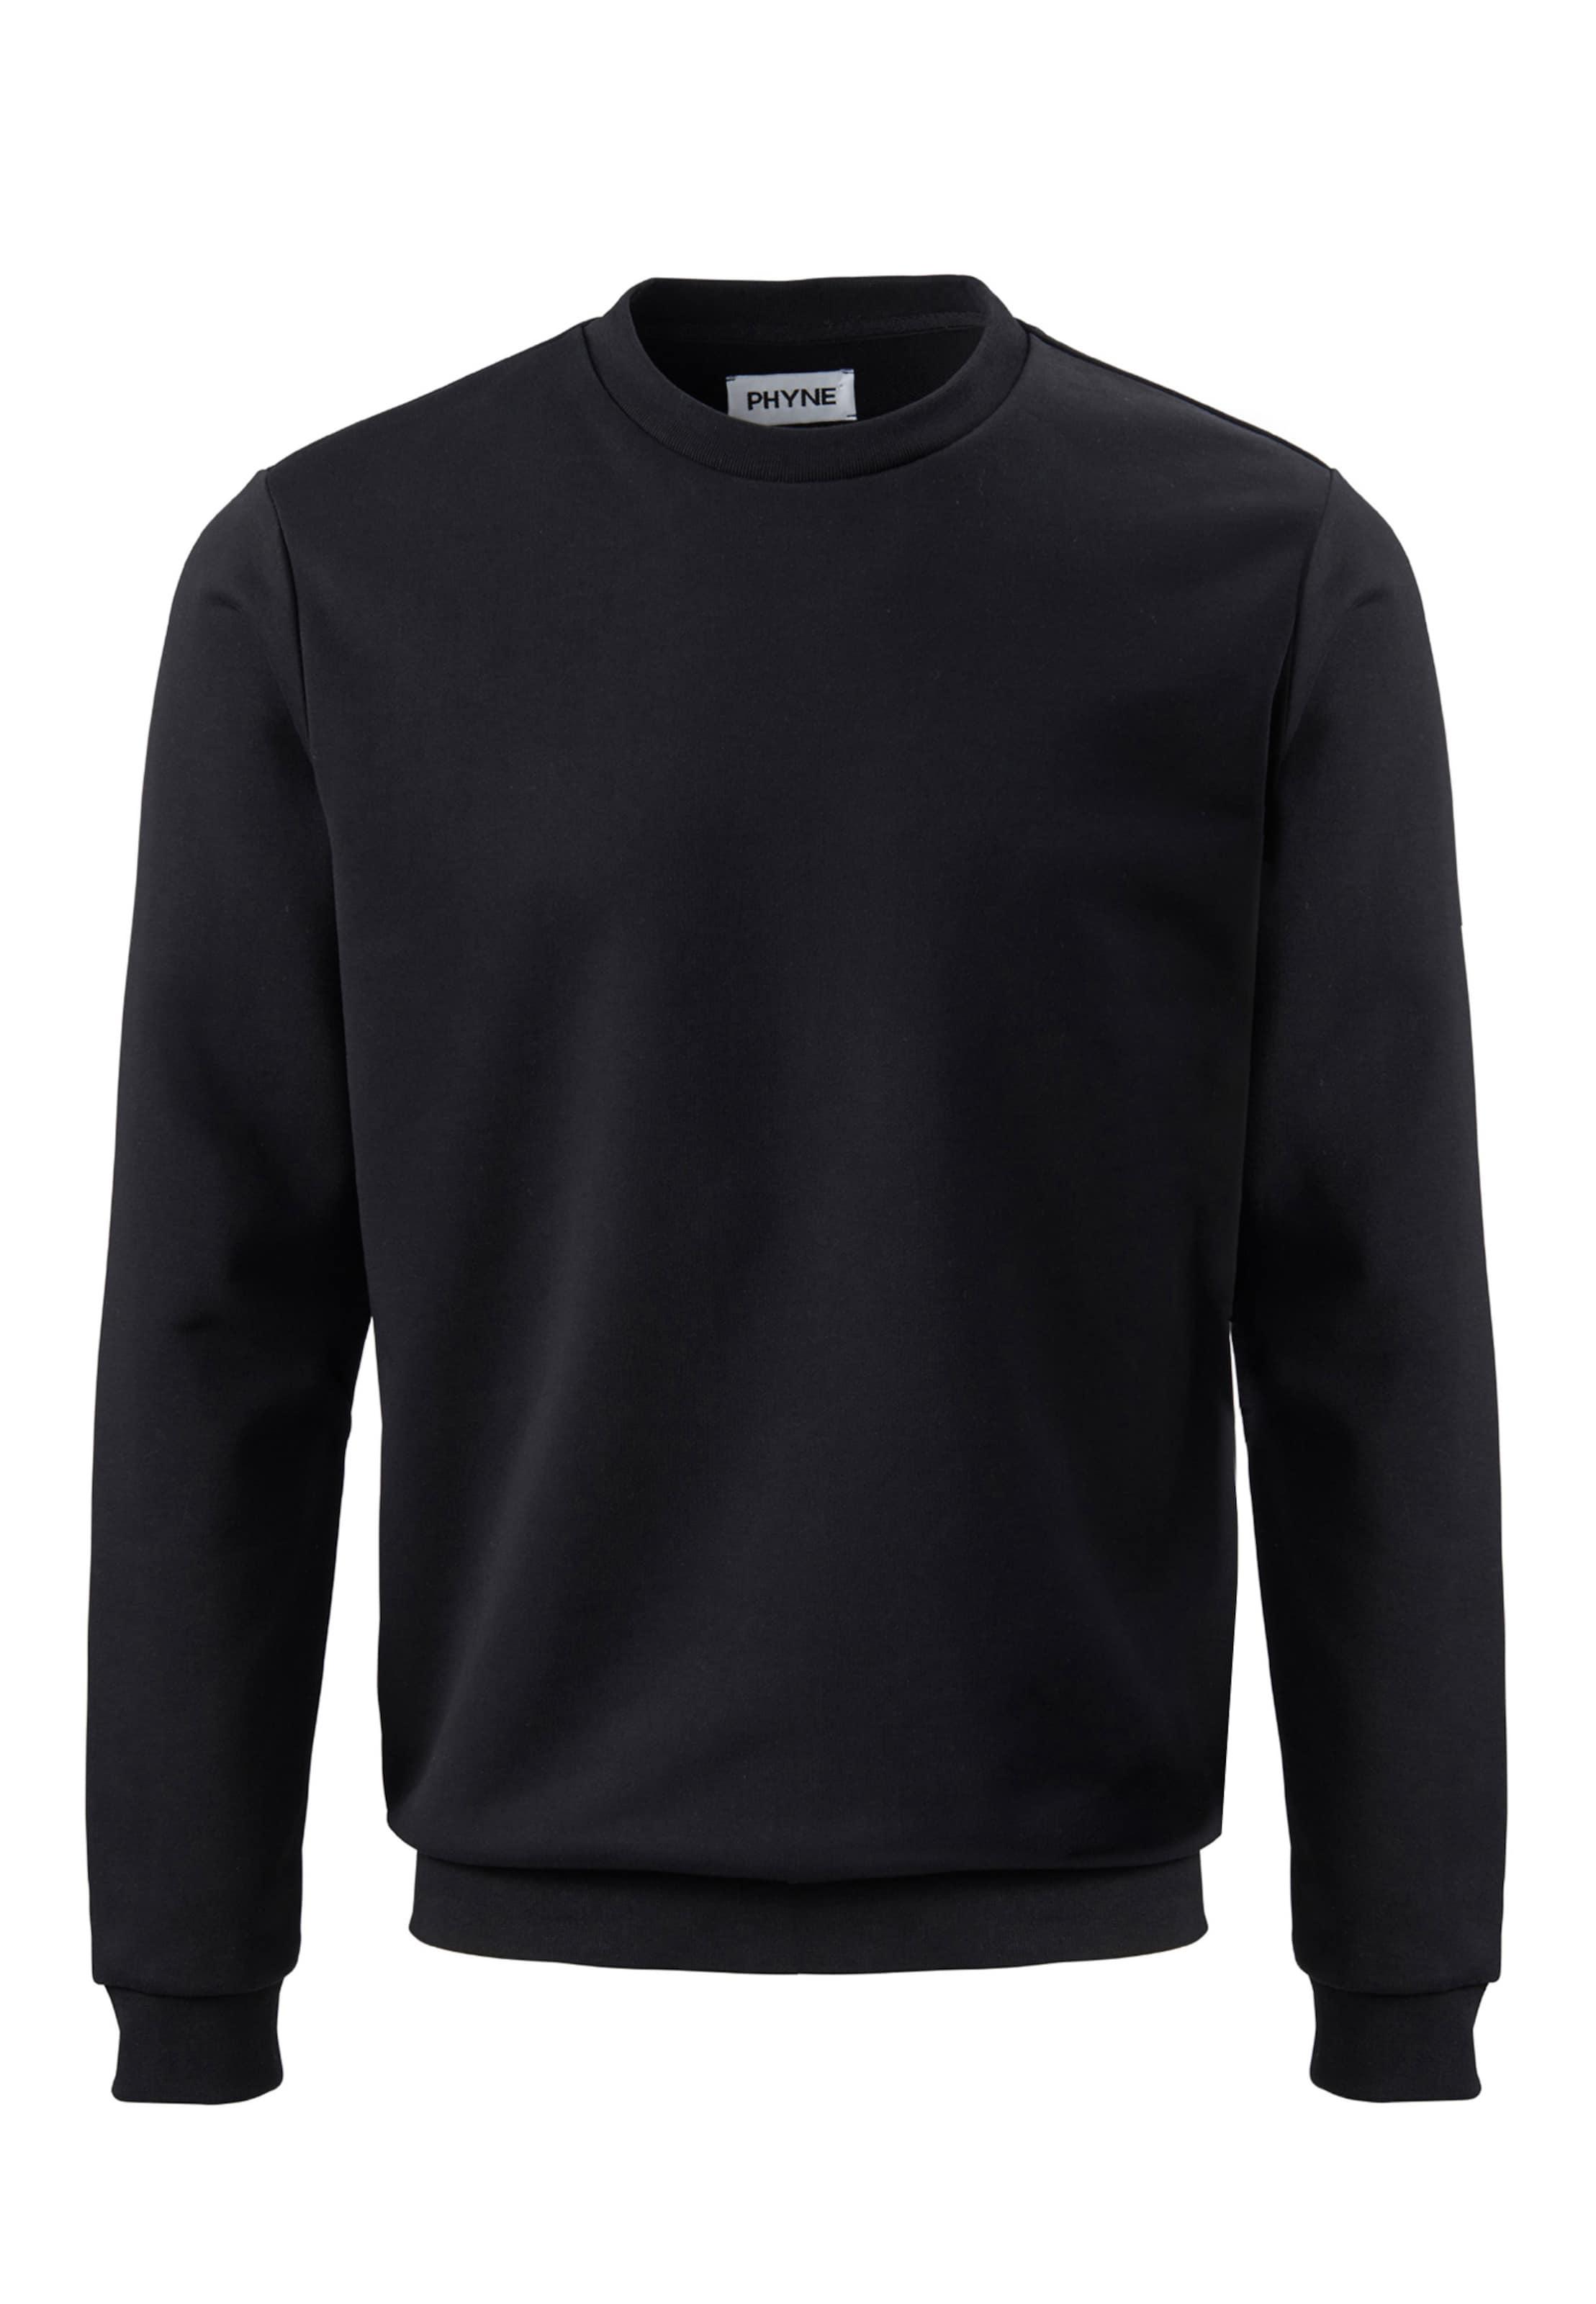 Phyne 'gots' Schwarz Sweatshirt In xWrCoedB